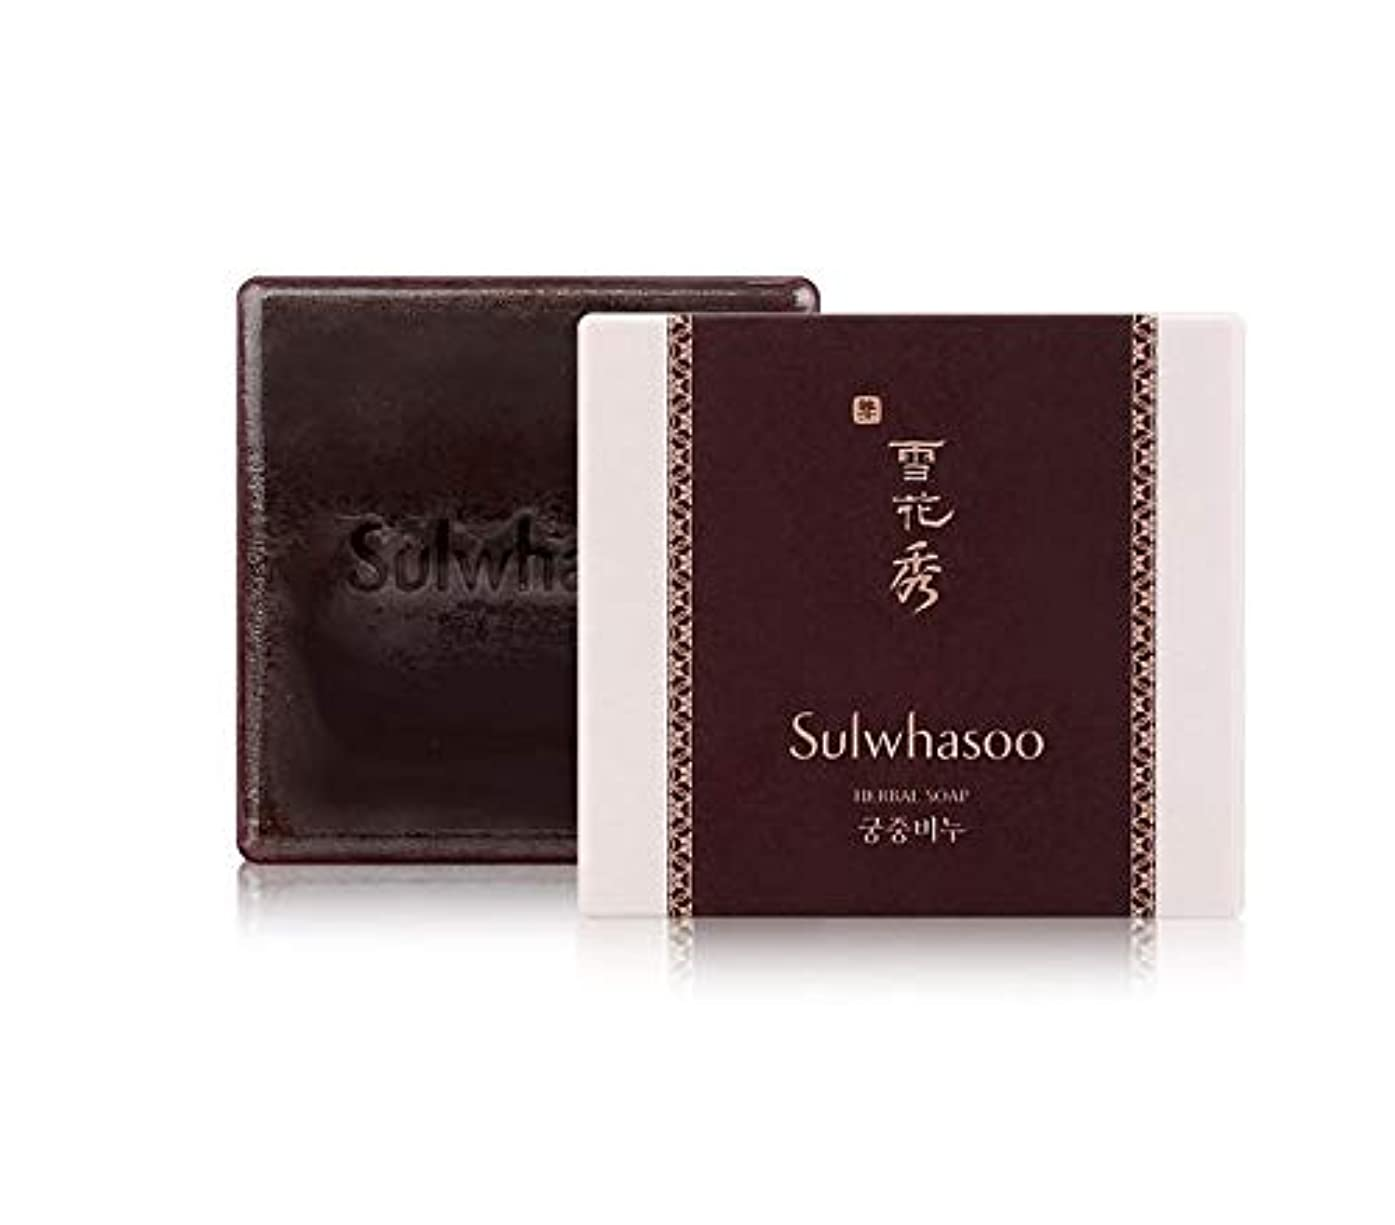 アベニュースーパーマーケット慣らす[雪花秀] SULWHASOO HERBAL SOAP 宮中石鹸 (韩国正品)